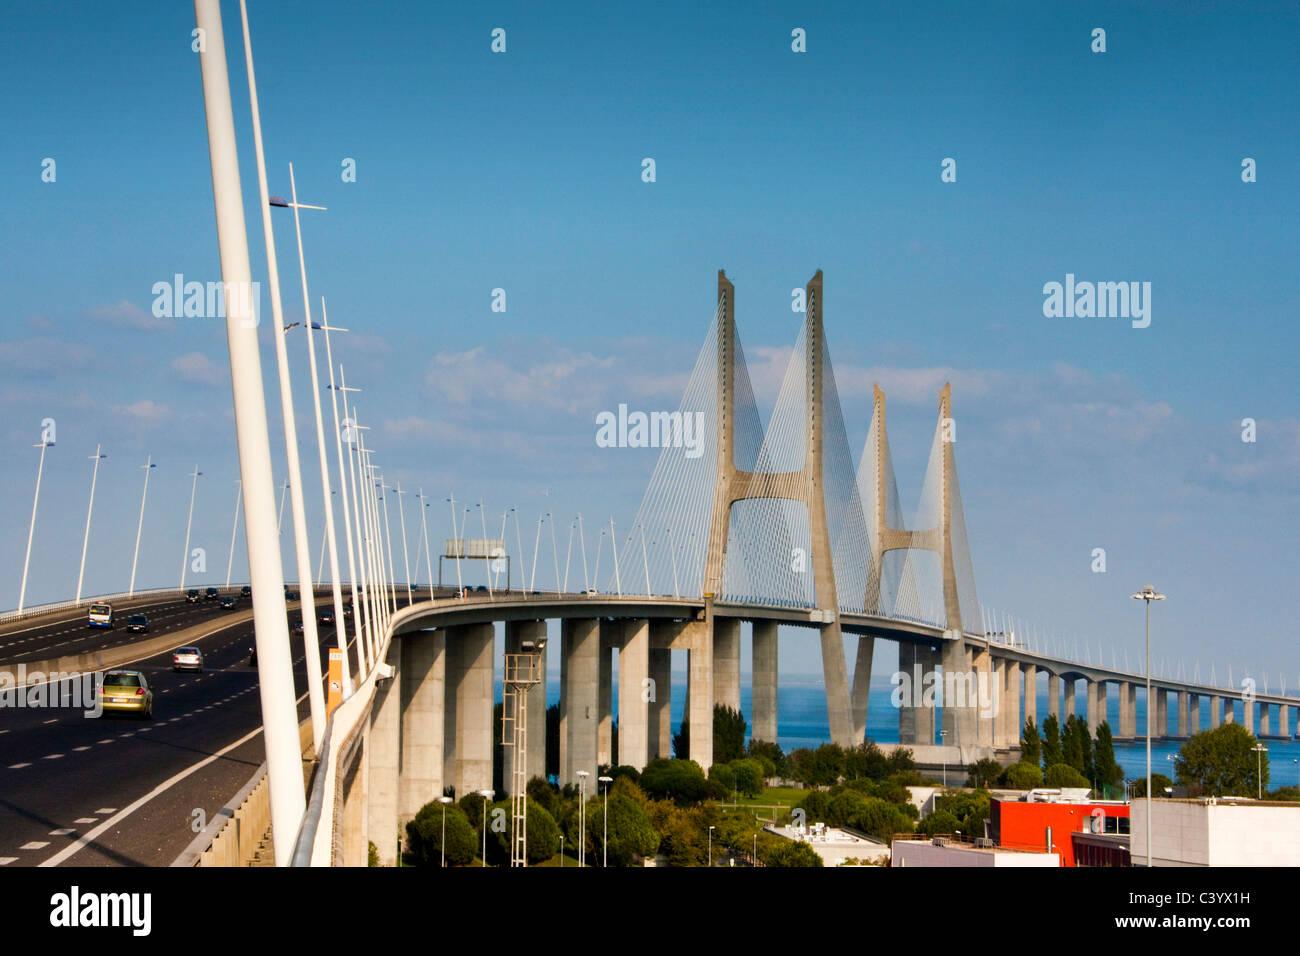 Portugal, Europe, Lisbon, bridge, moulder, Vasco there Gama, largely - Stock Image